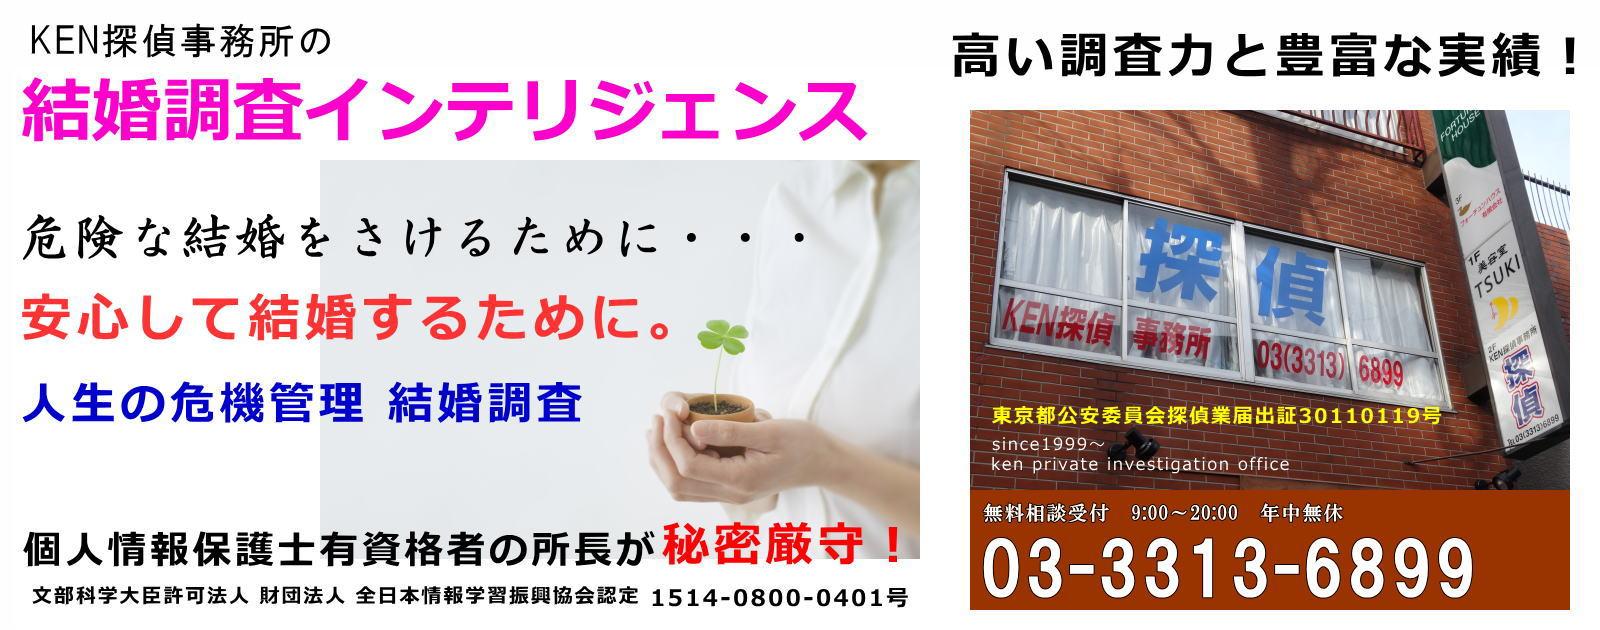 結婚調査 東京&全国